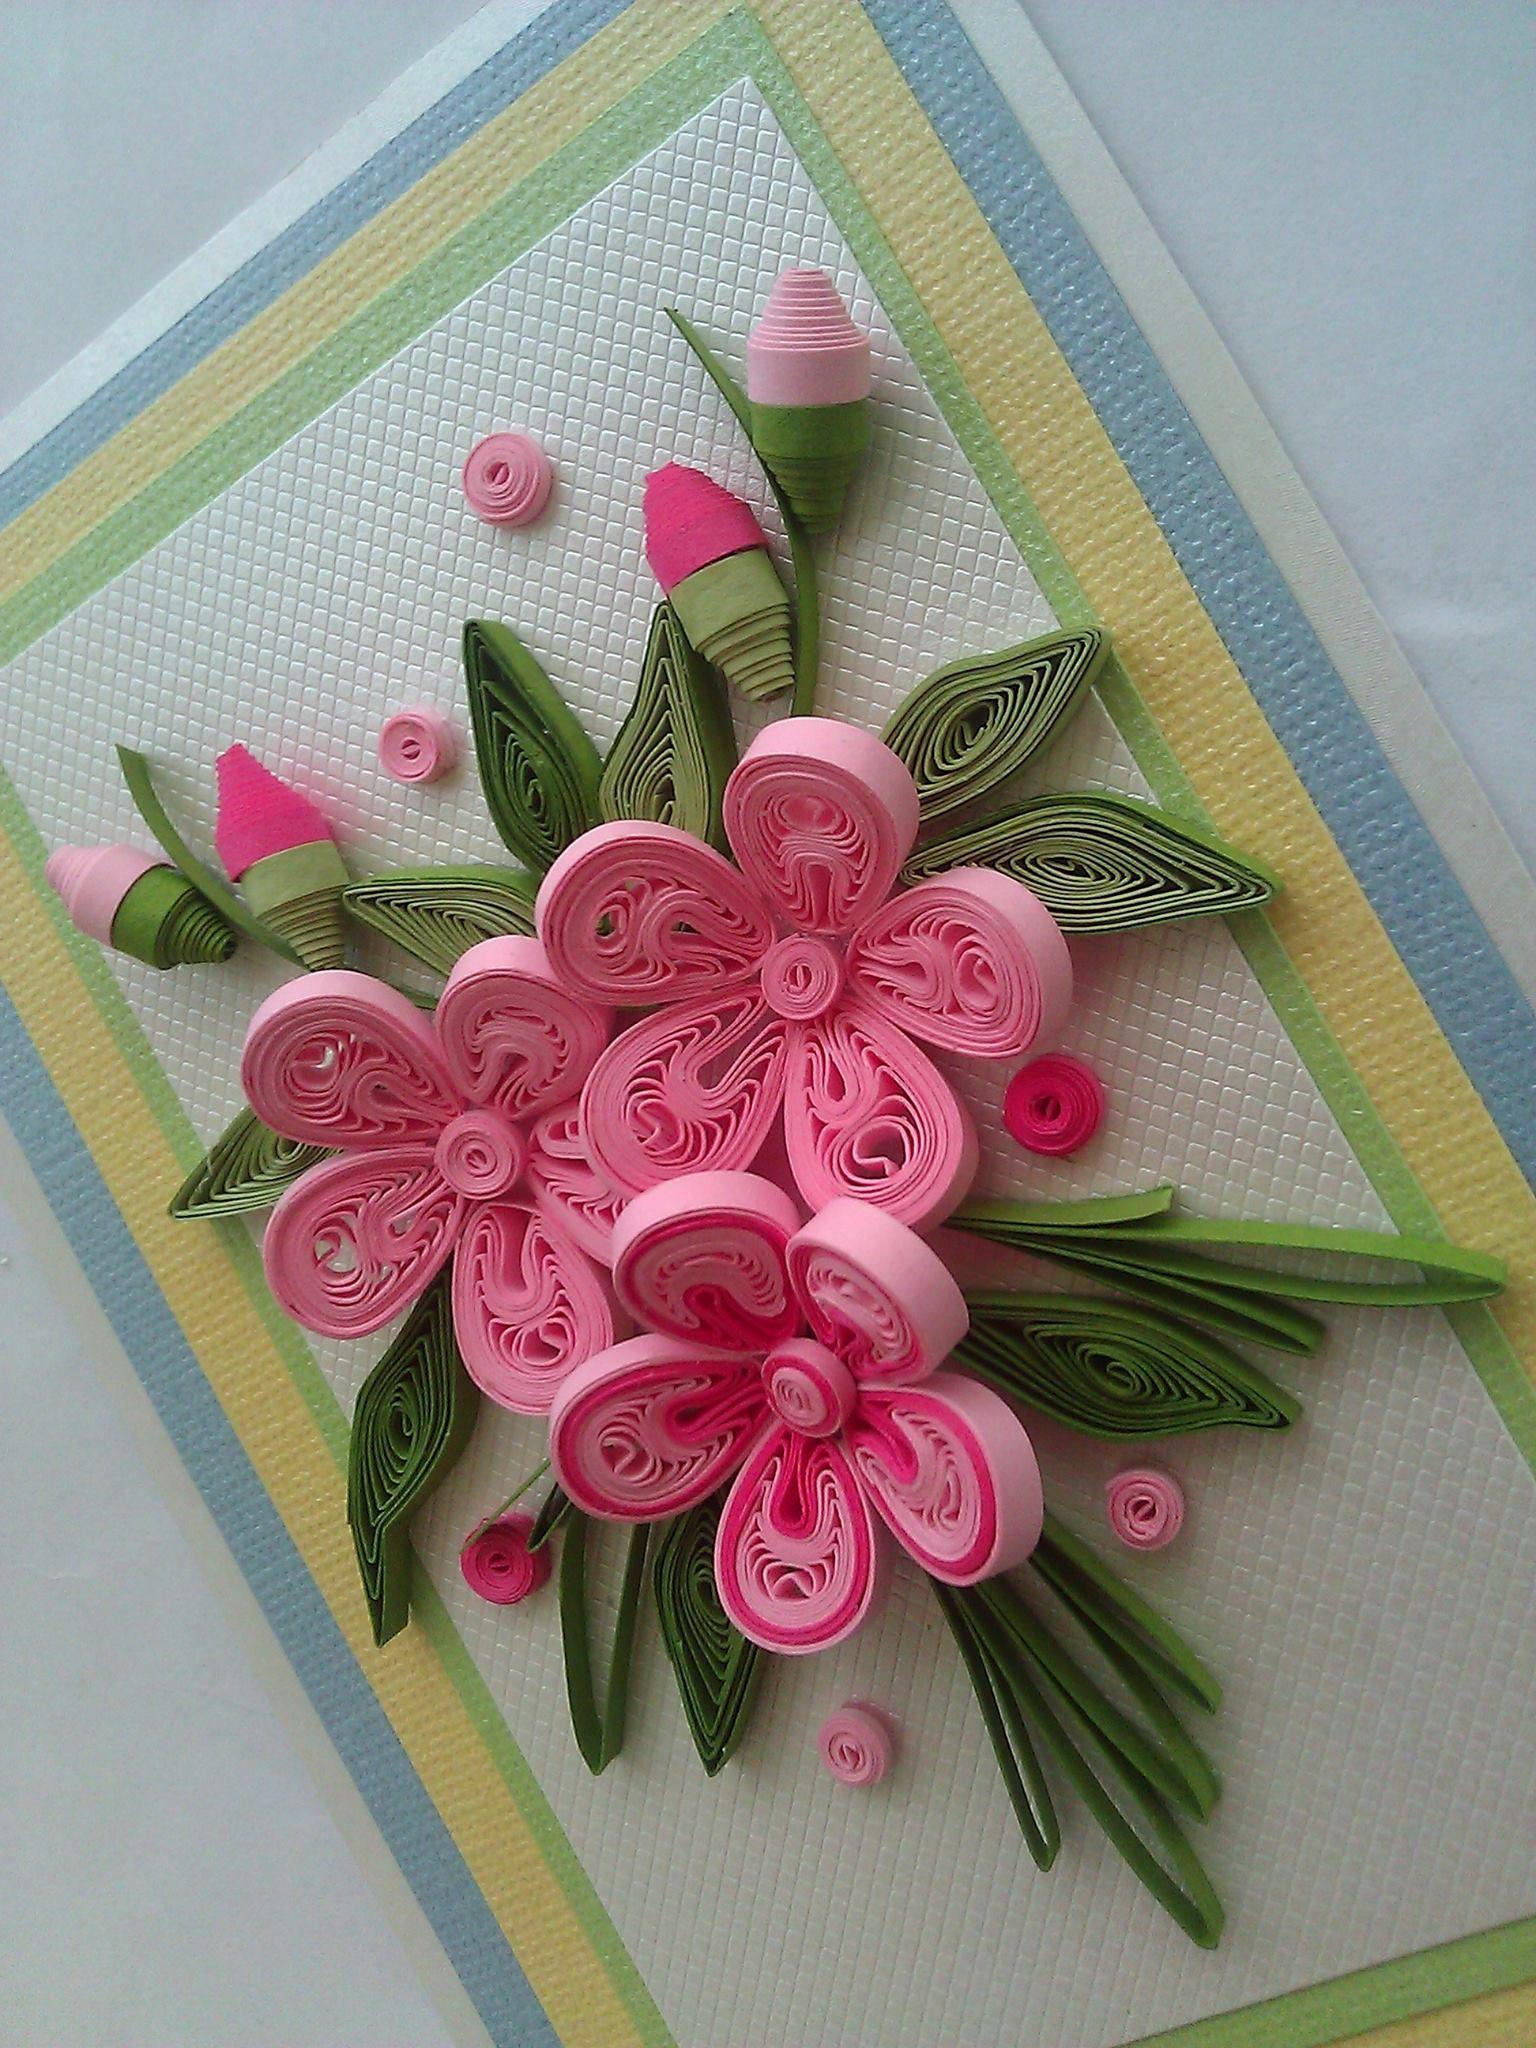 цветы в технике квиллинг для открытки своими руками каменских